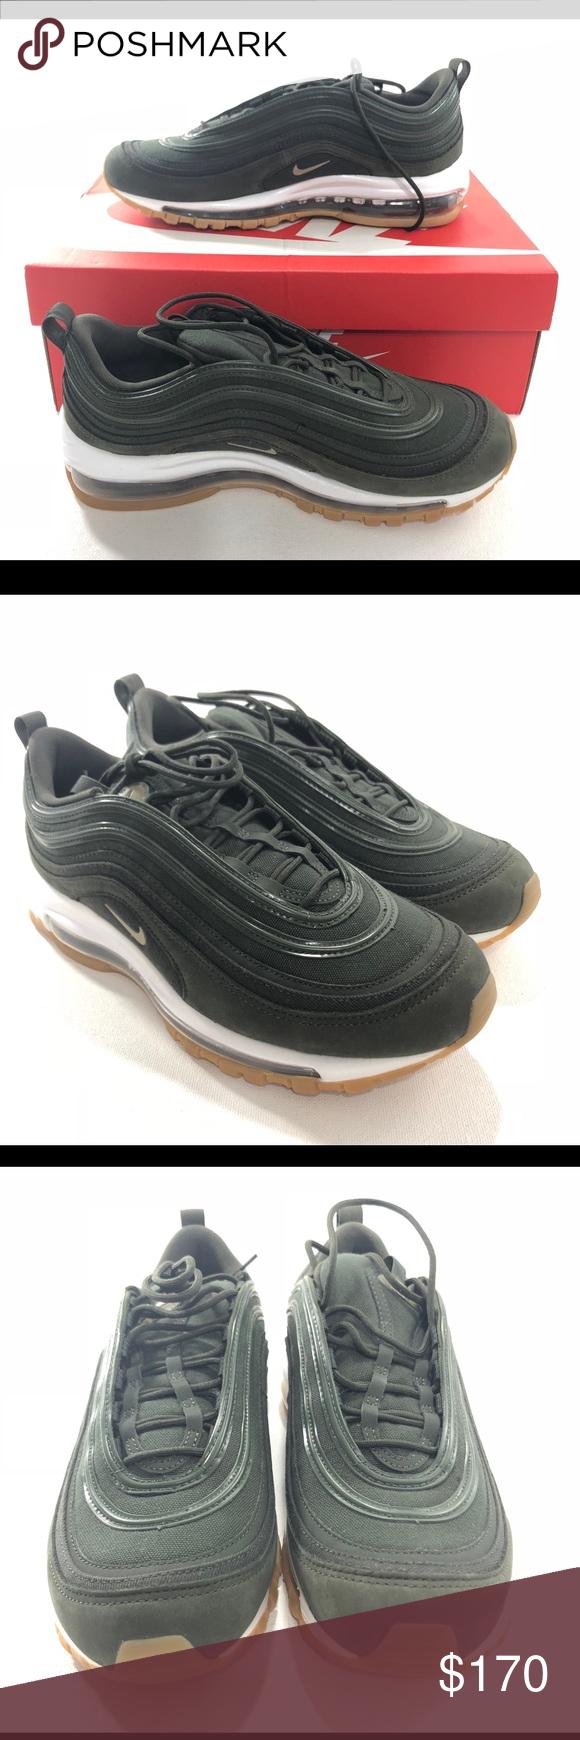 Nike Air Max 97 Womens UT Olive Sequoia Gum Suade BRAND